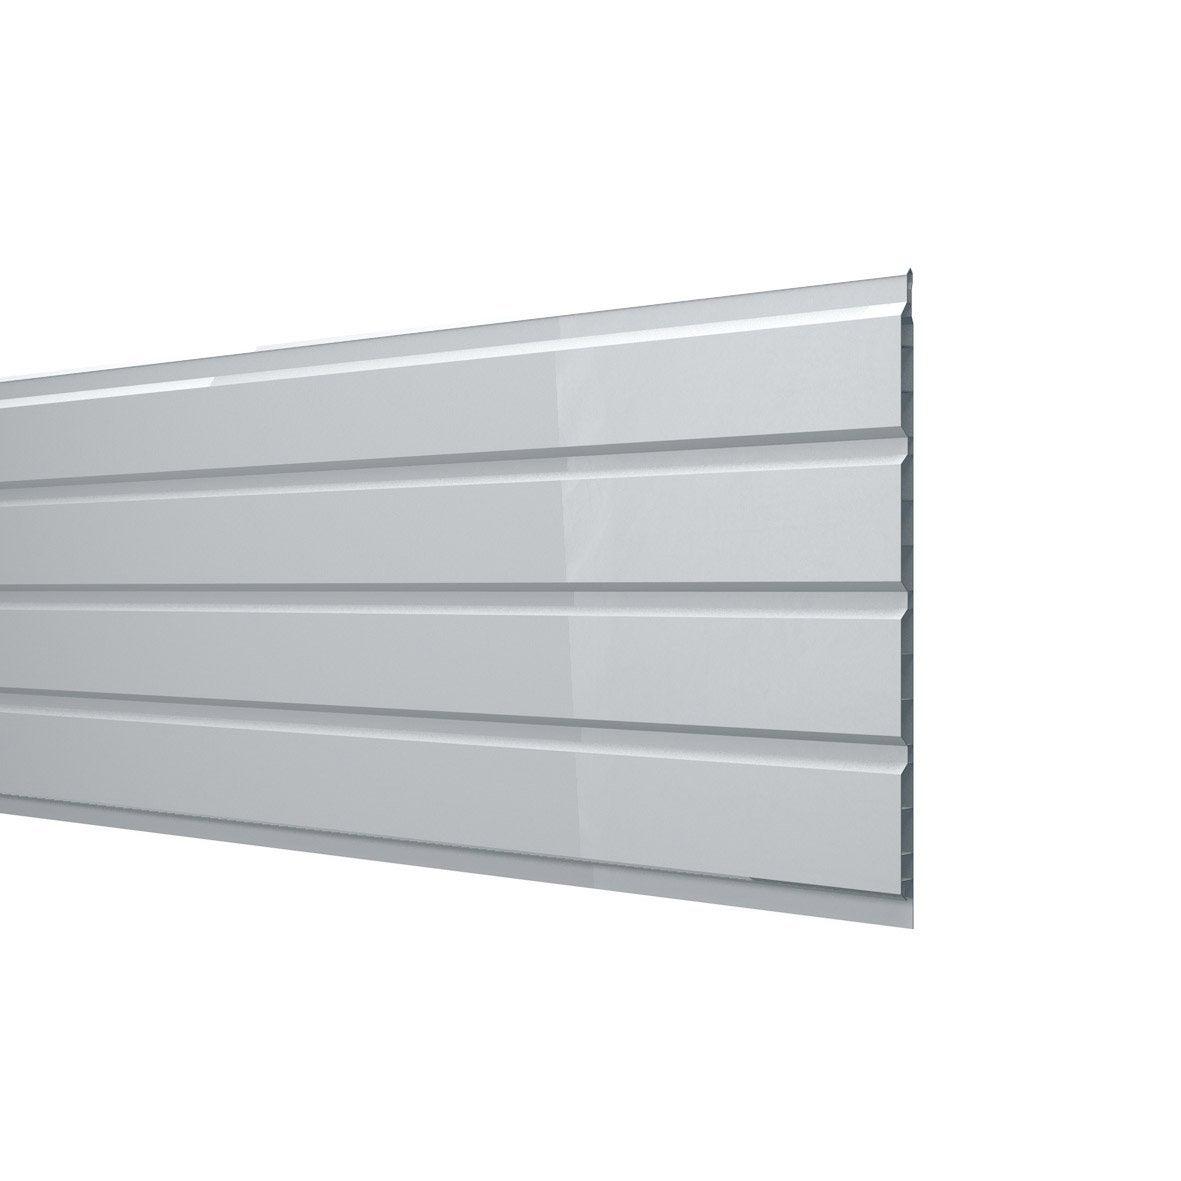 Sous face de toiture sf2503b blanc pvc l 3 m leroy merlin - Prix pose climatisation leroy merlin ...